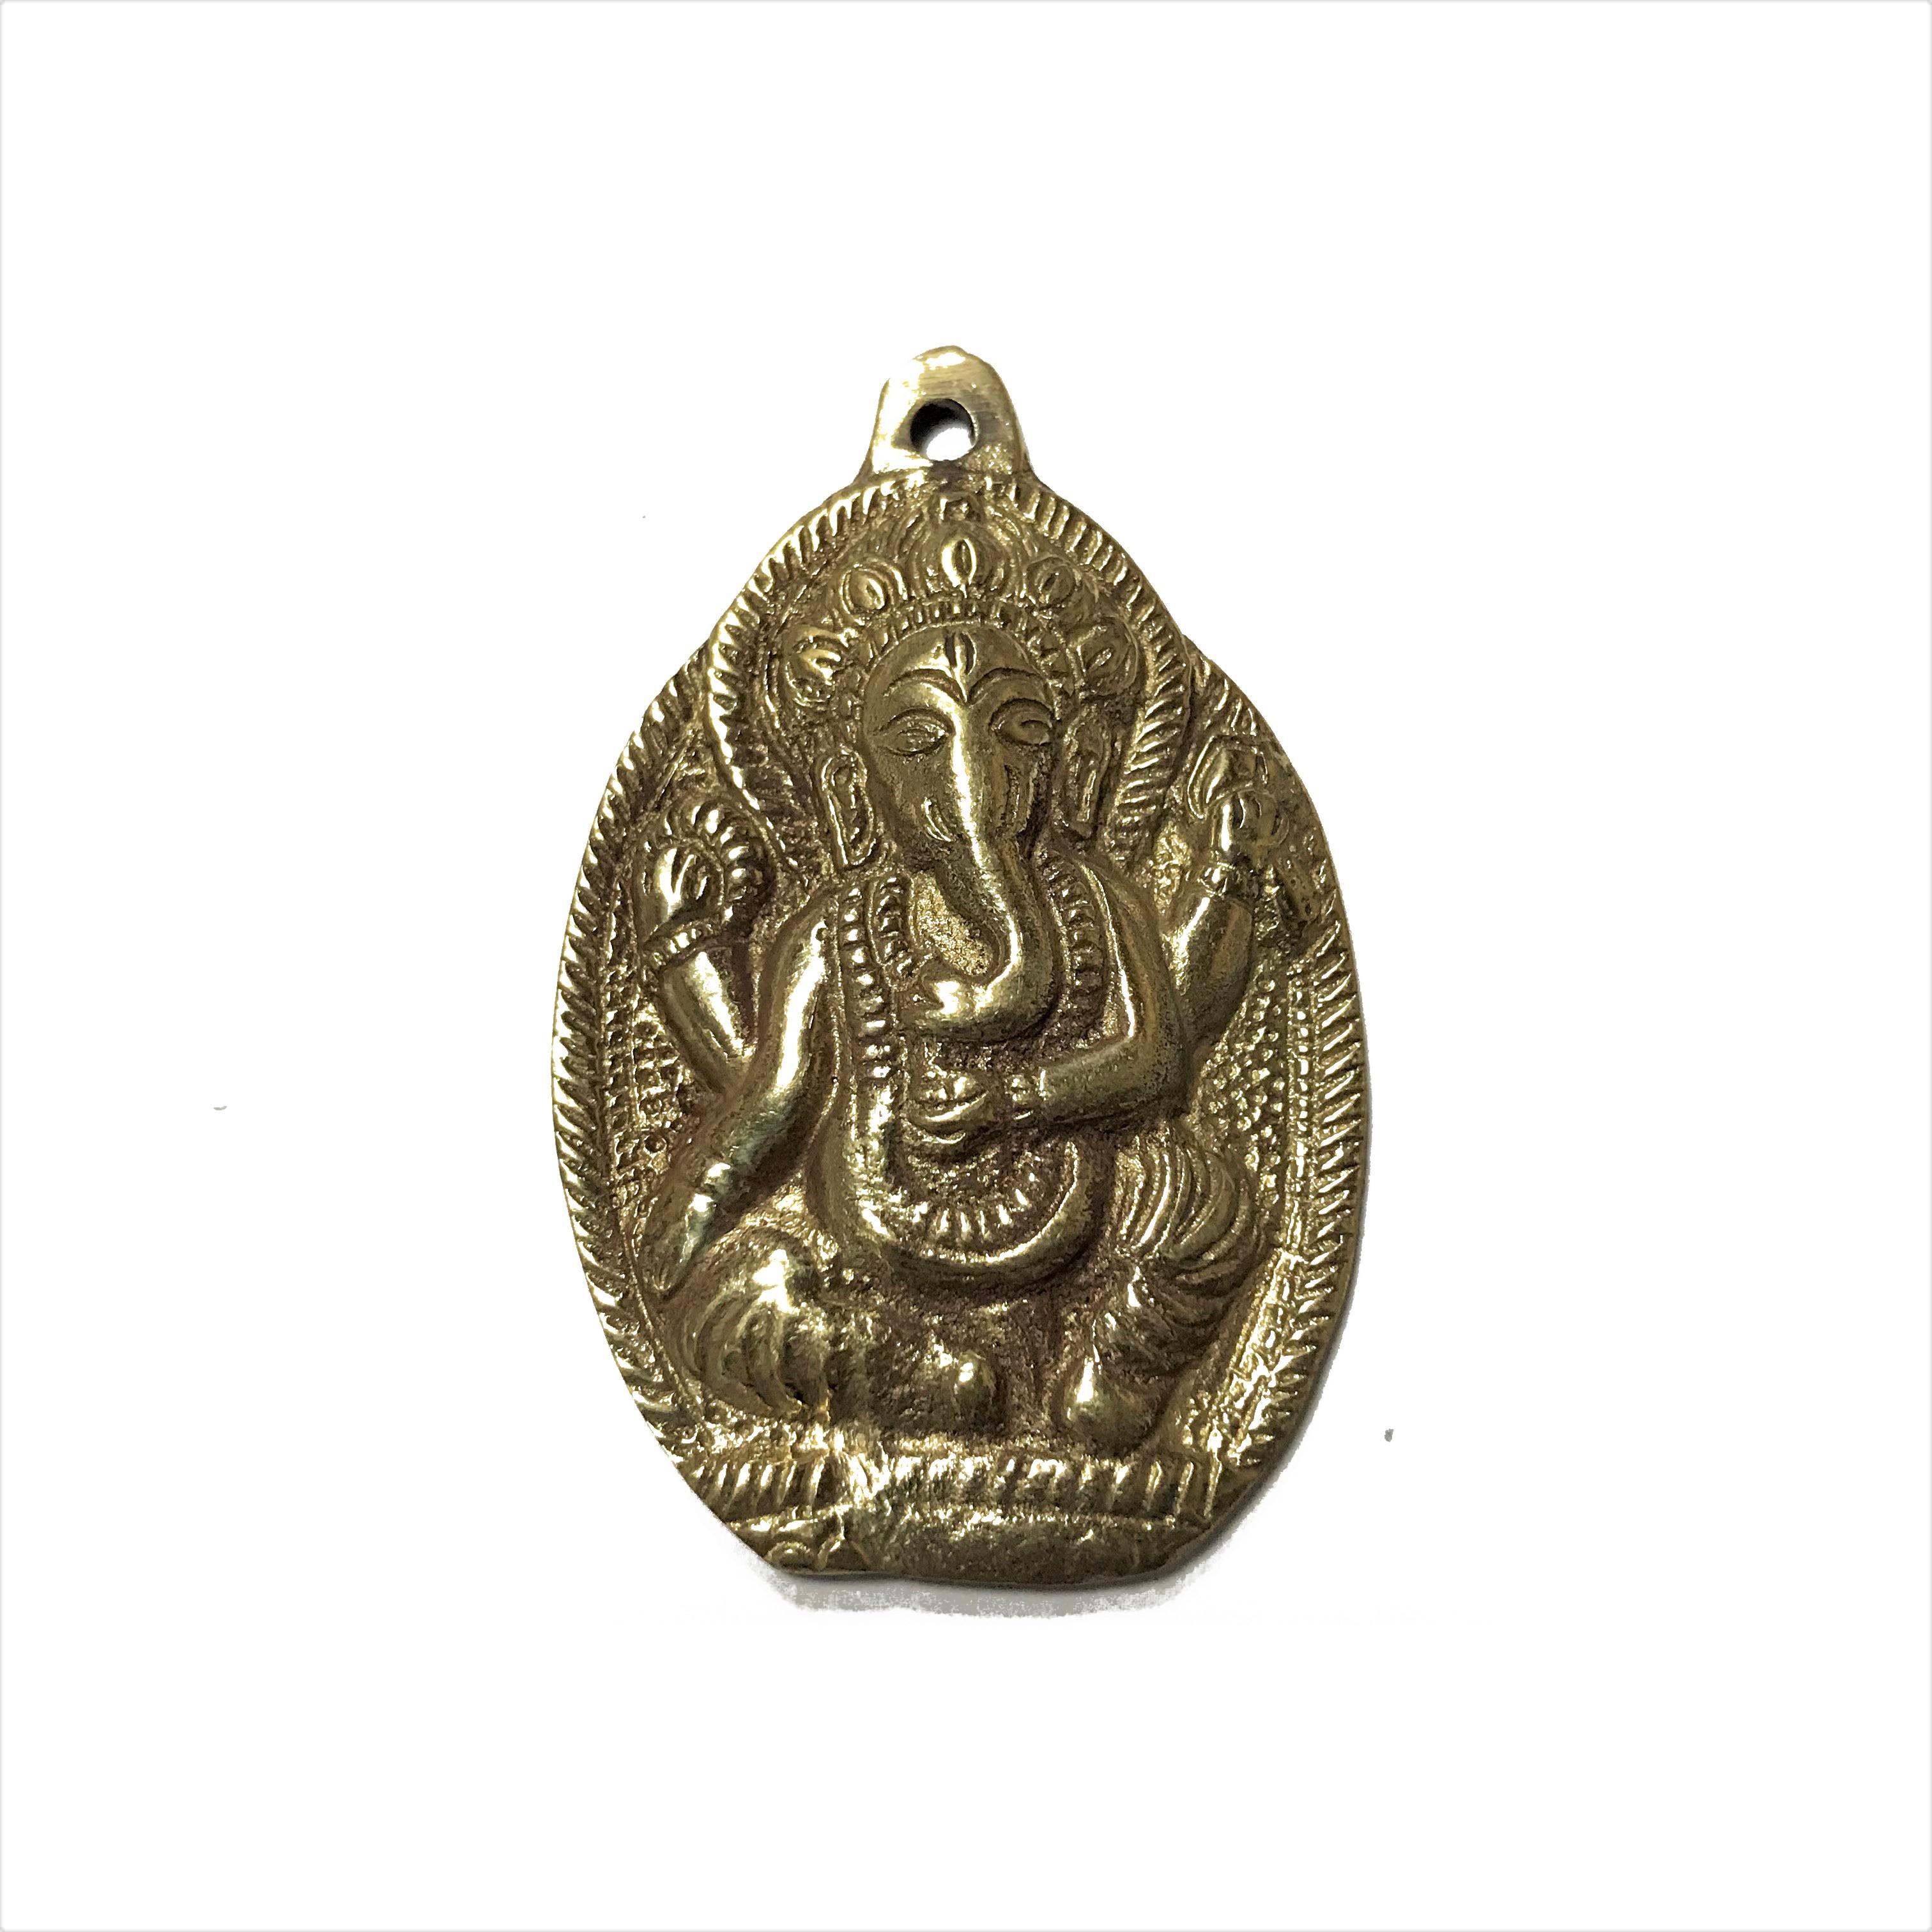 Кулон непальский с ганешей под золото 5,5см